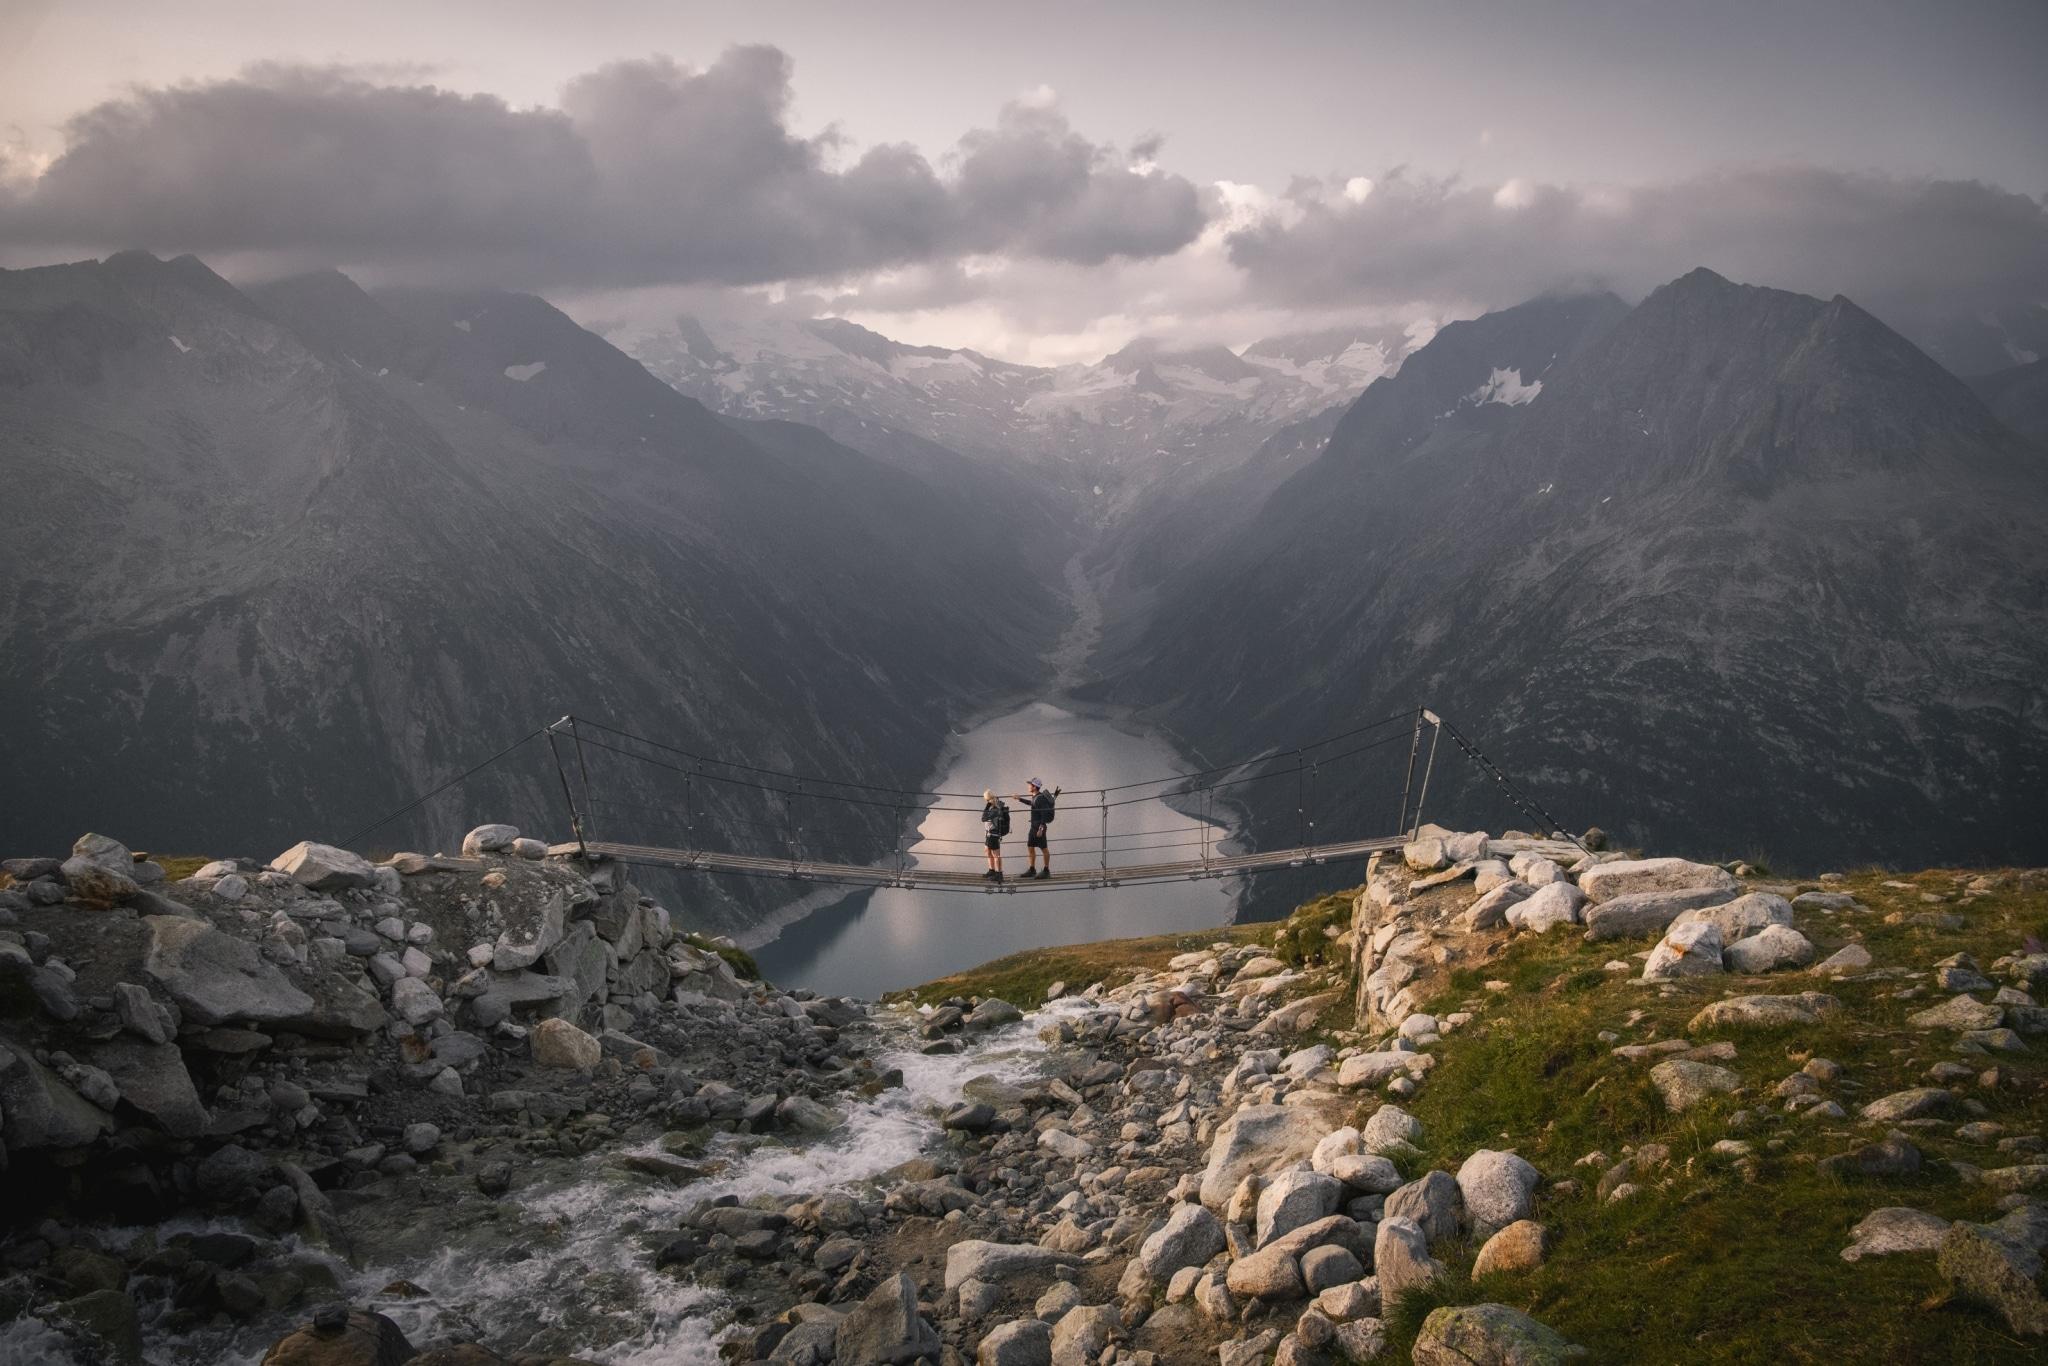 Wanderung über die Hängebrücke zur Olpererhütte